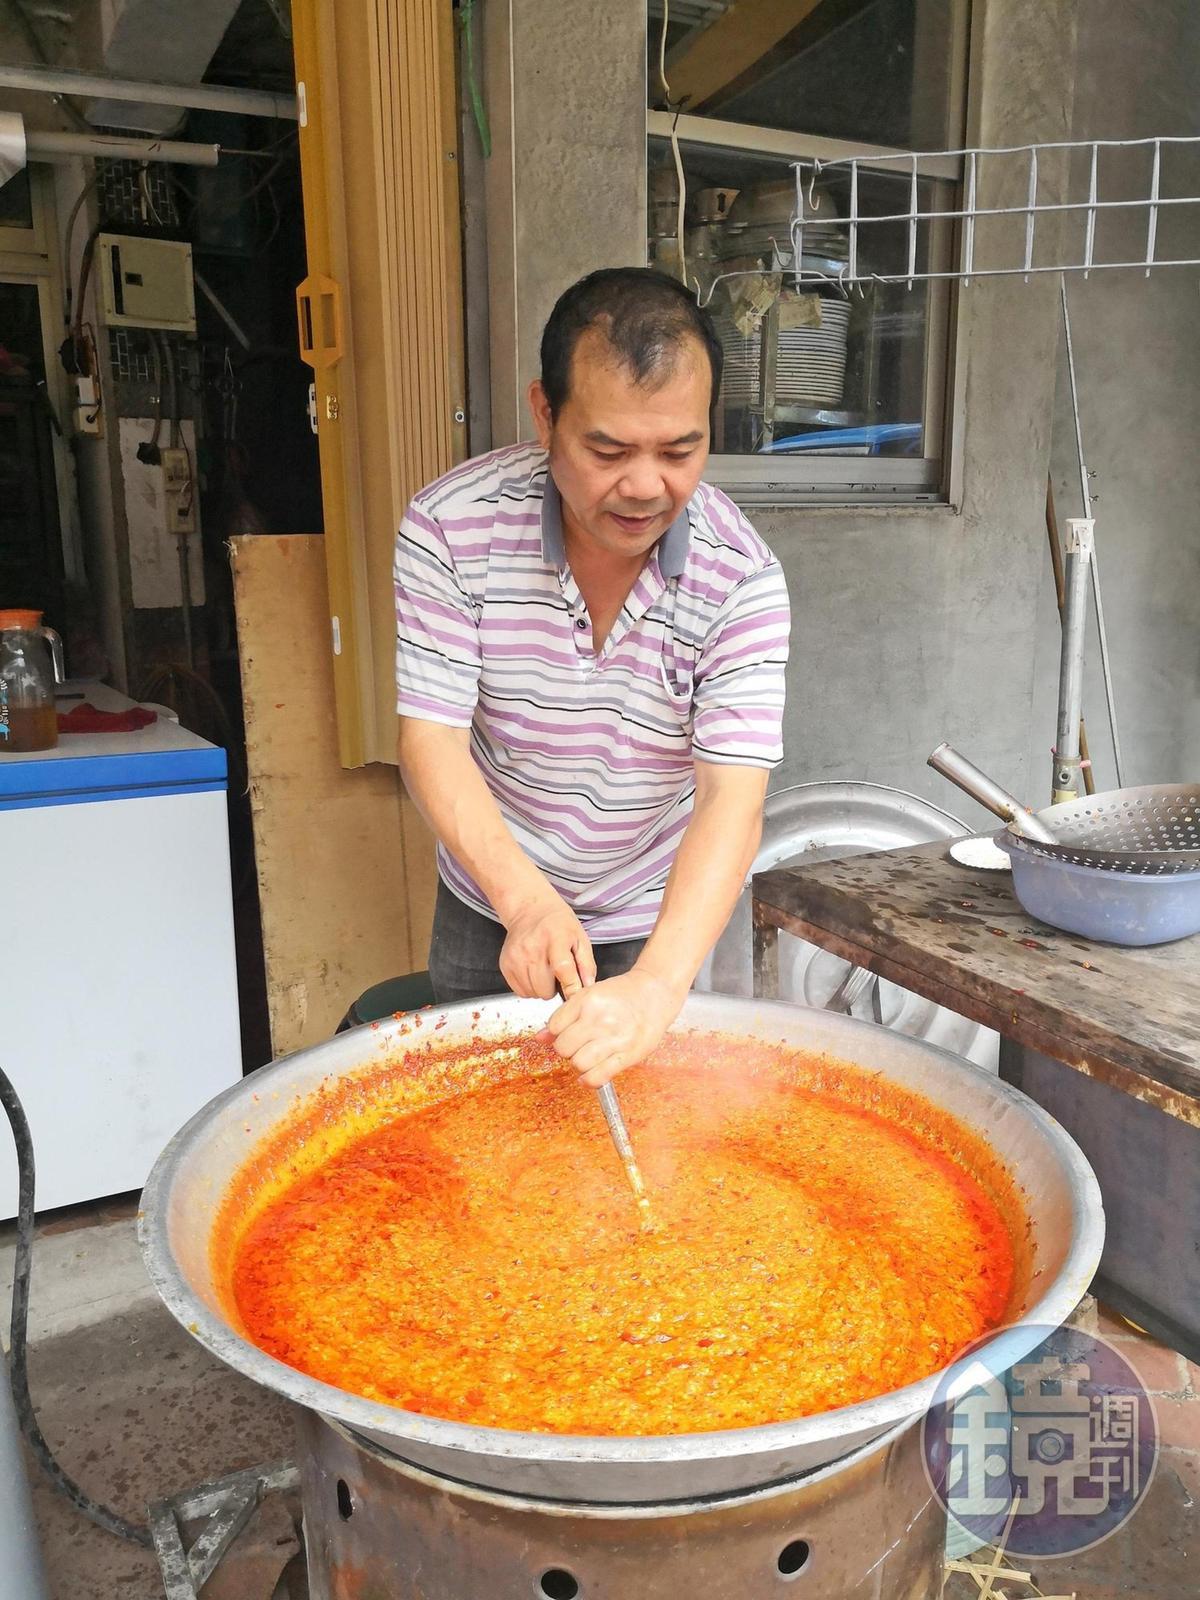 加入蒜香的自製辣椒。